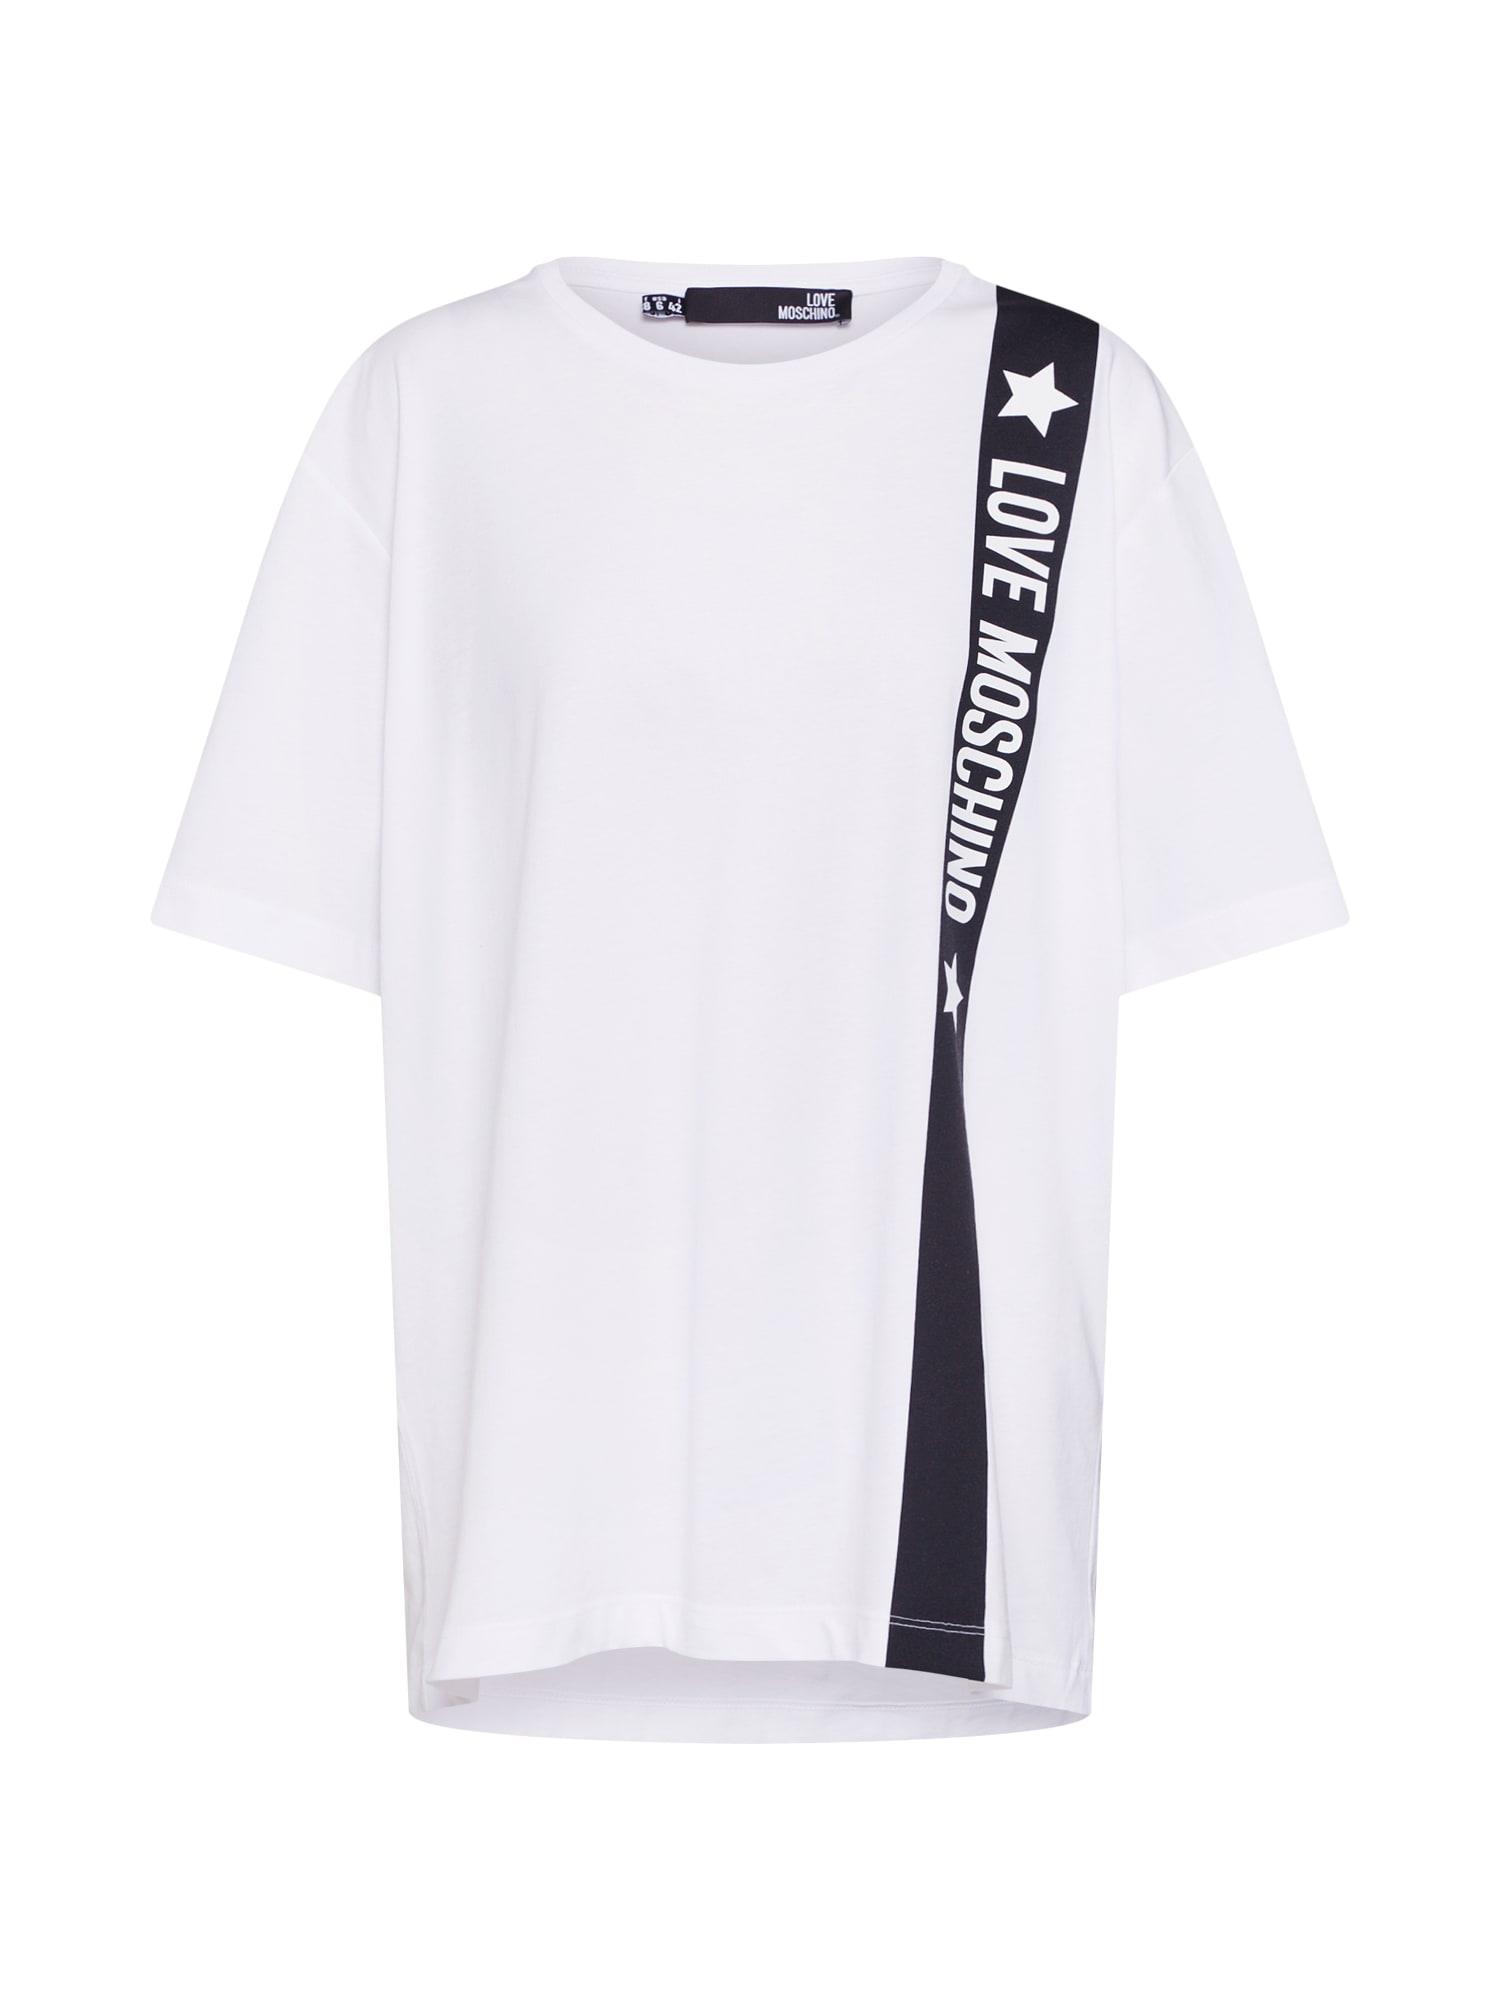 Tričko MAGLIETTA STELLE černá bílá Love Moschino